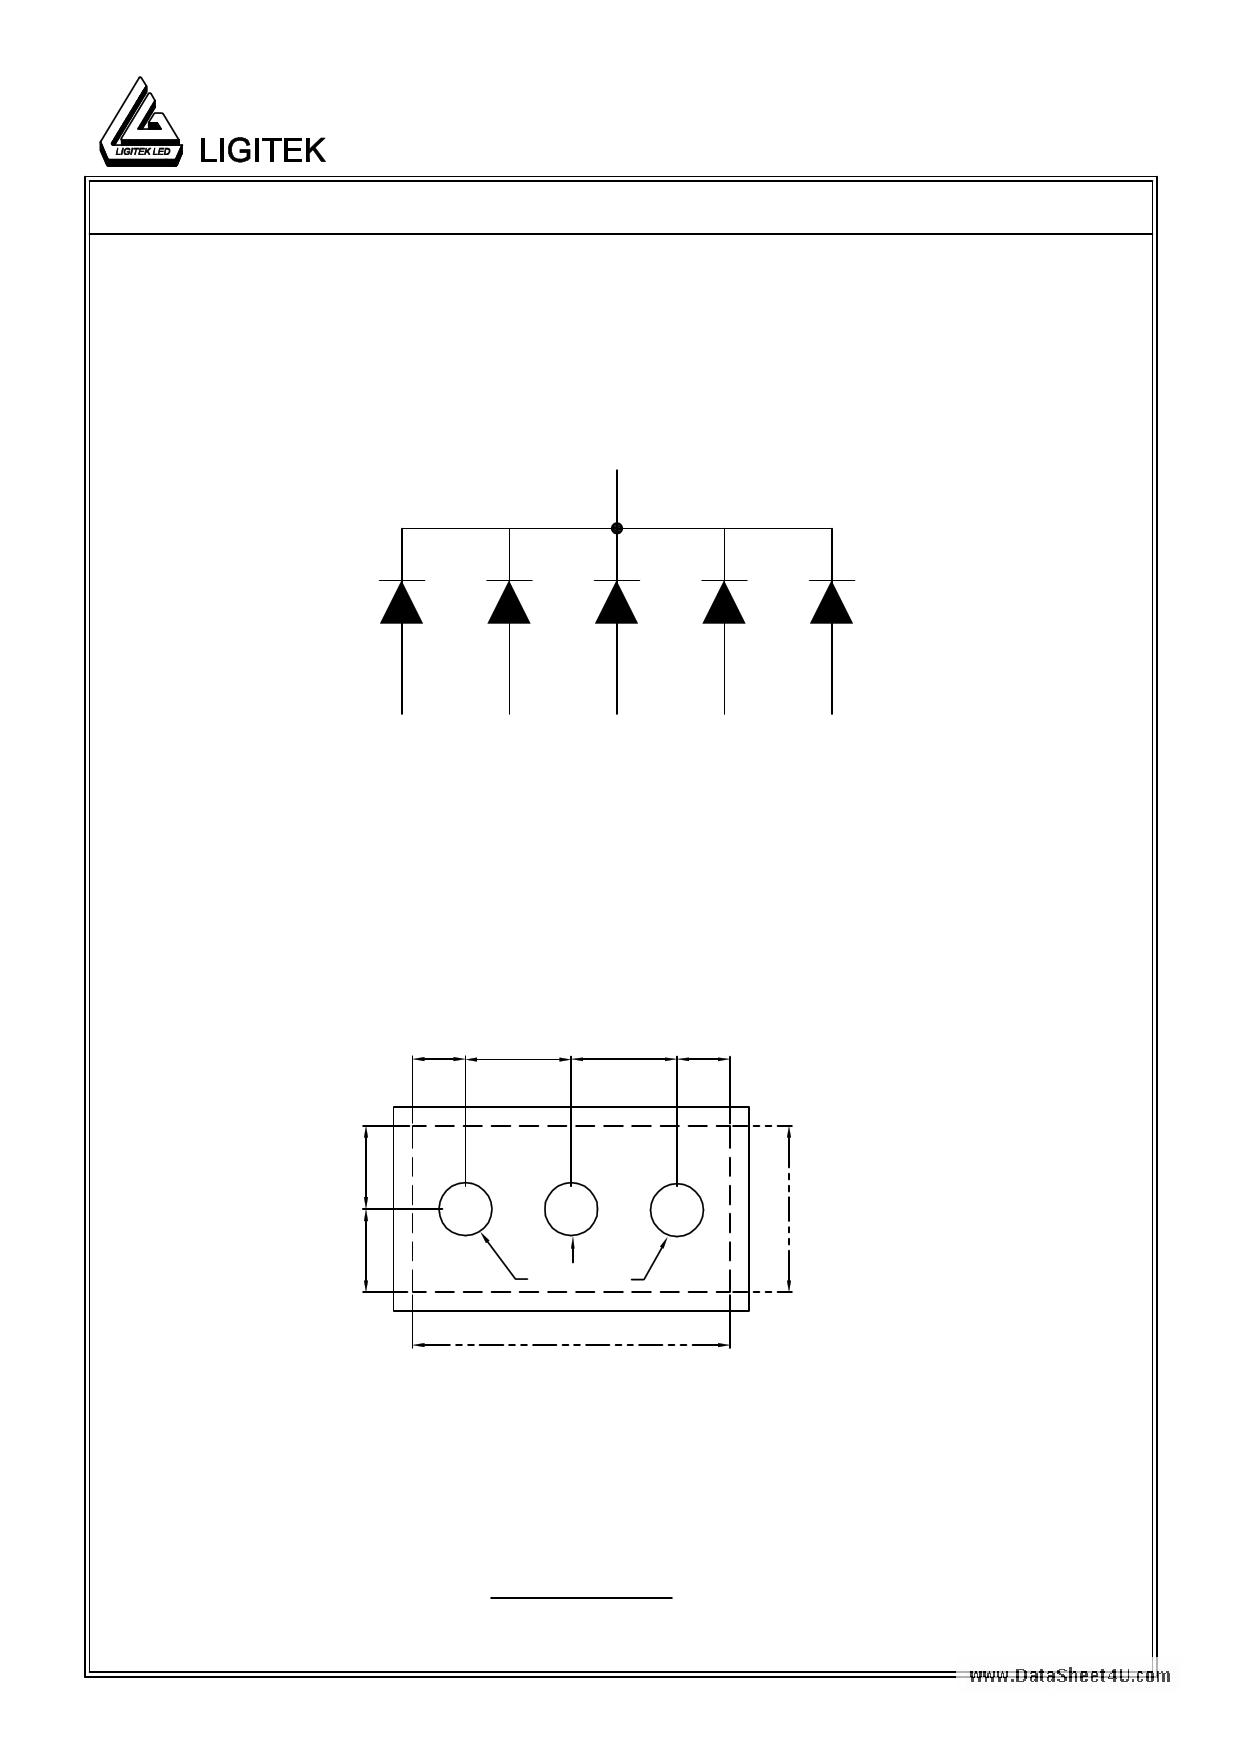 L-00501DBK-S-LF Даташит, Описание, Даташиты